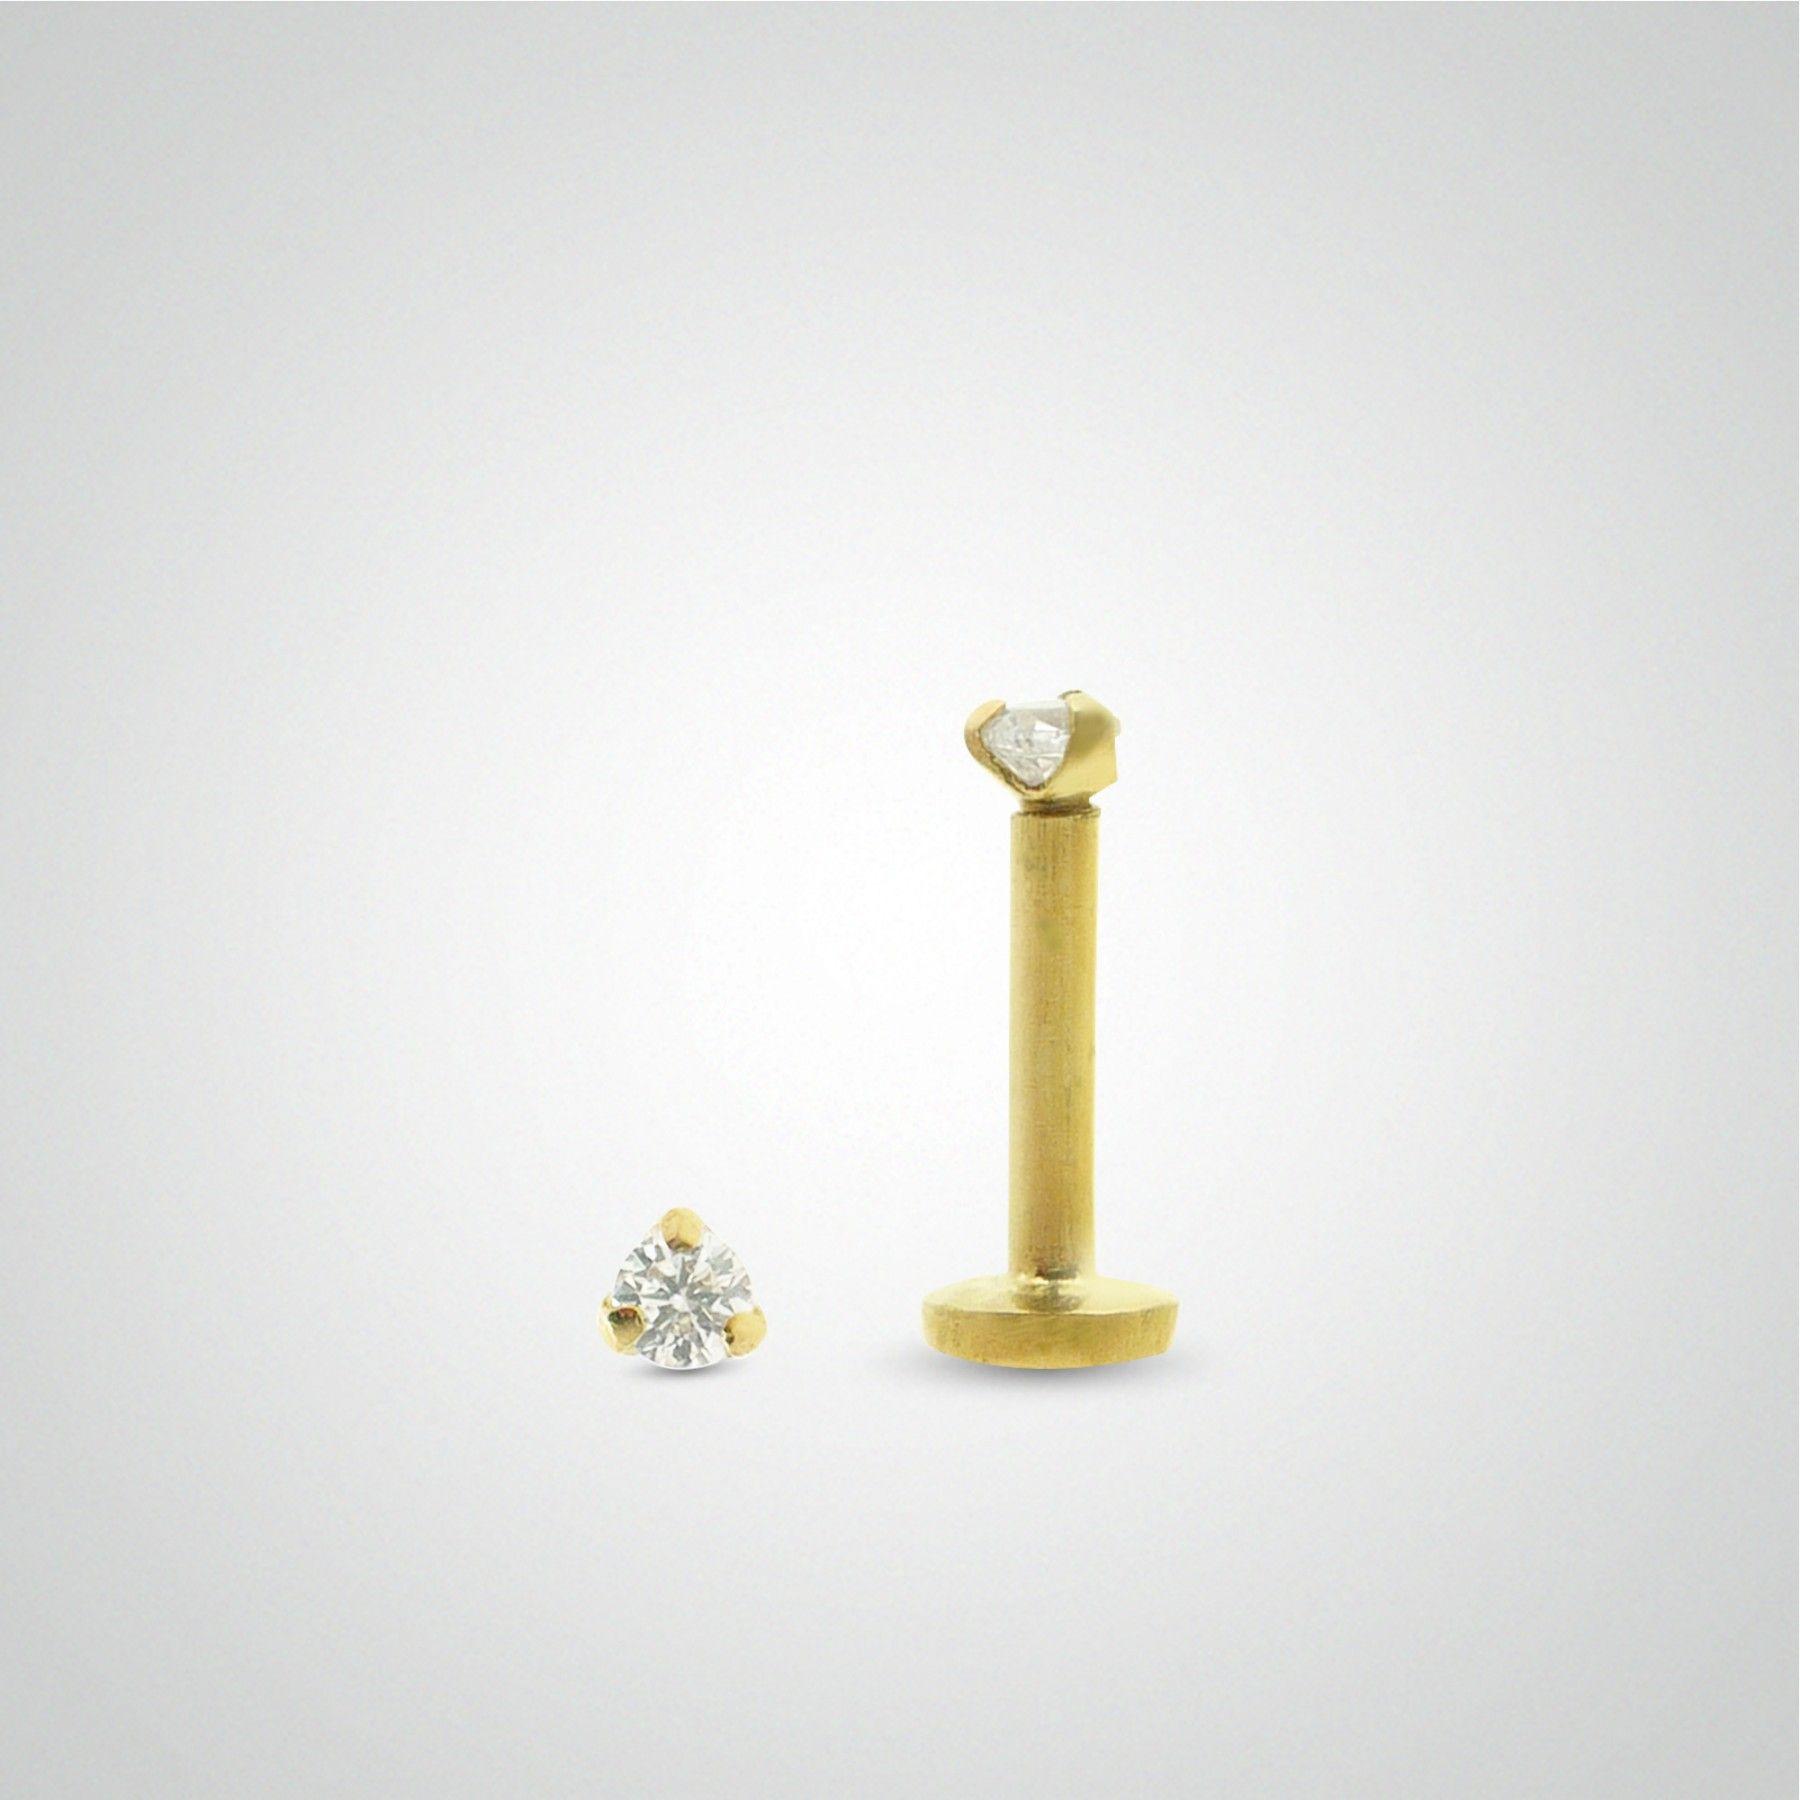 Piercing gold diamant